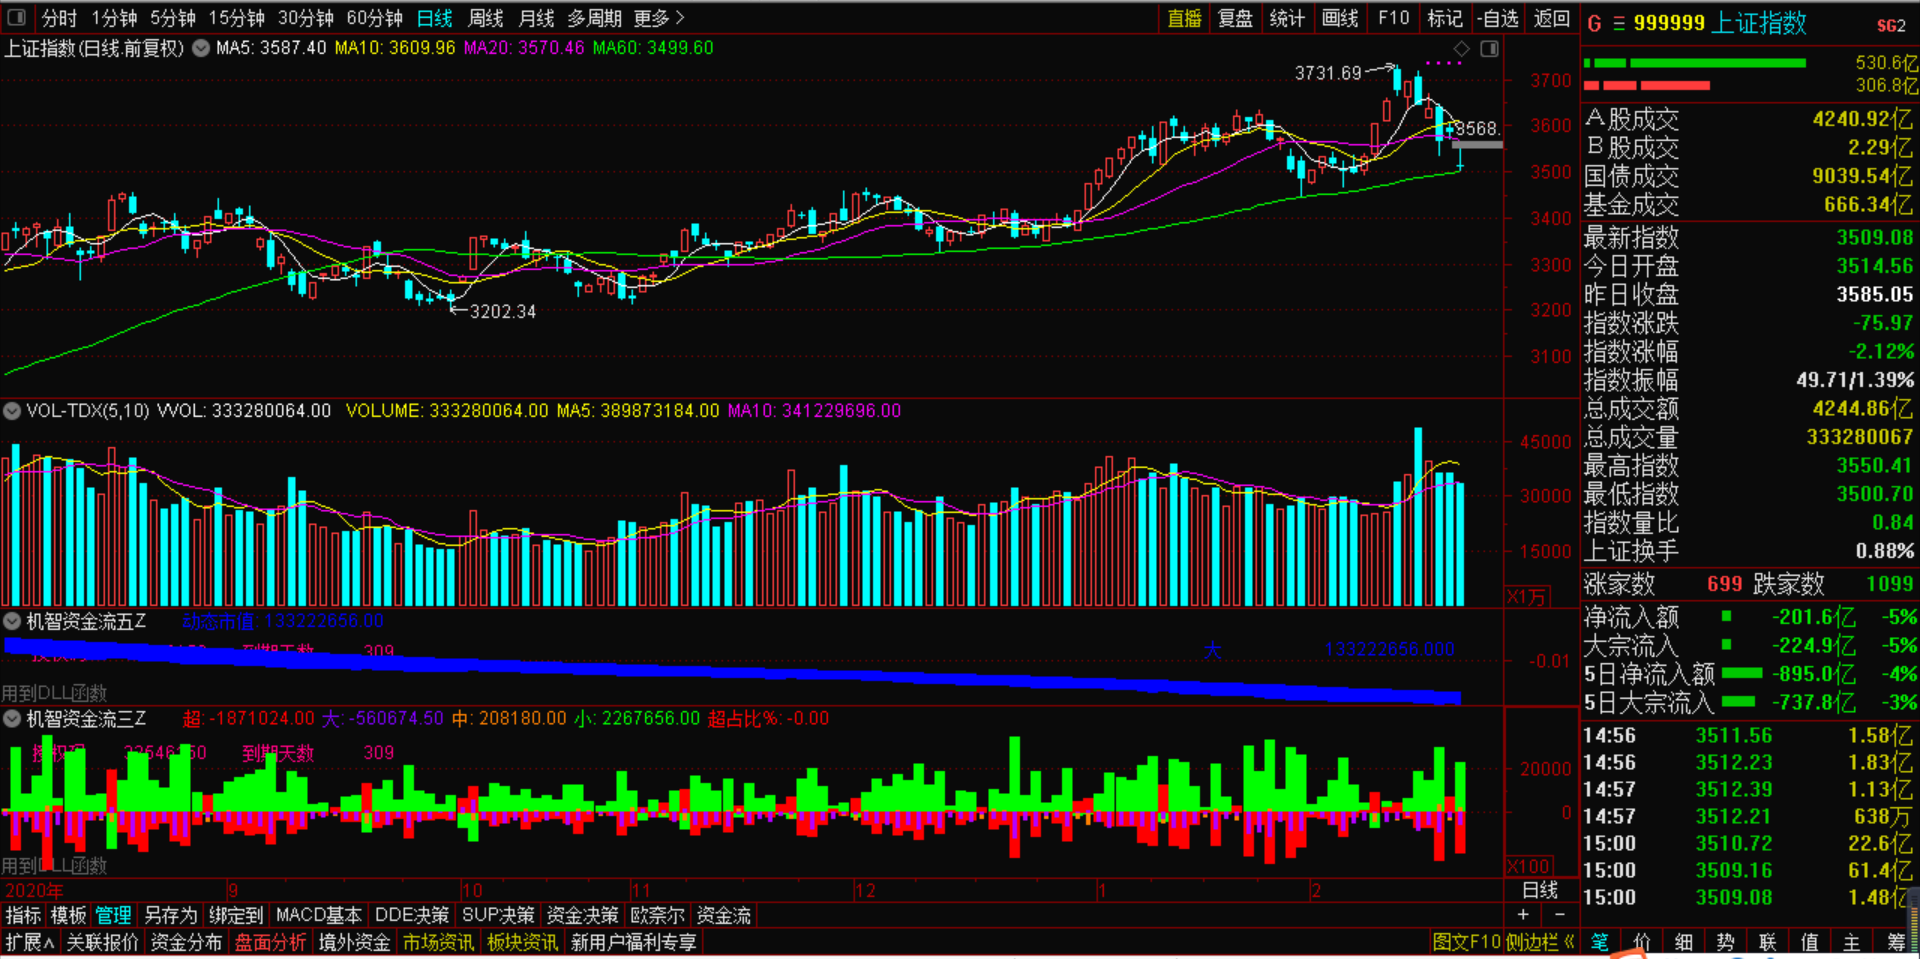 3月1号机智软件 暴跌下再度暴跌,A股市场开门后连续暴跌后续如何发展?